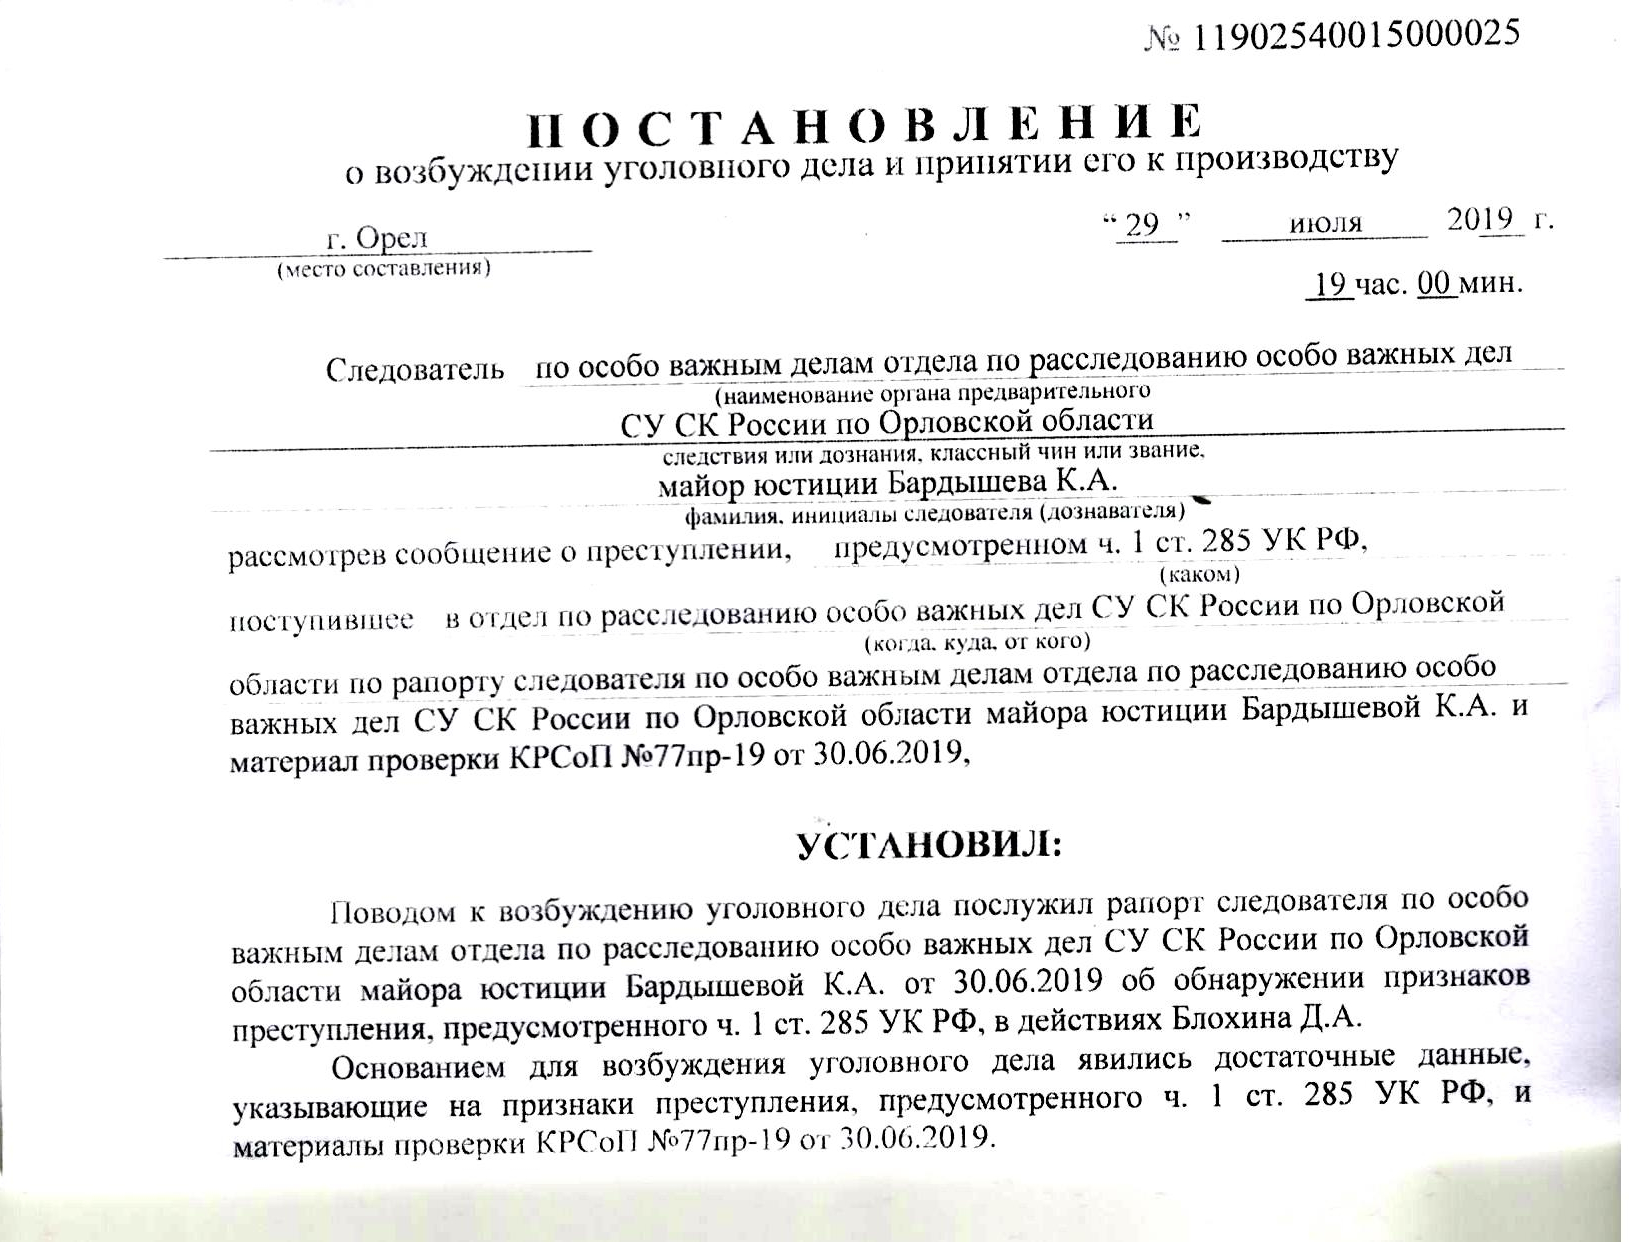 Постановление о возбуждении уголовного дела в отношении Блохина